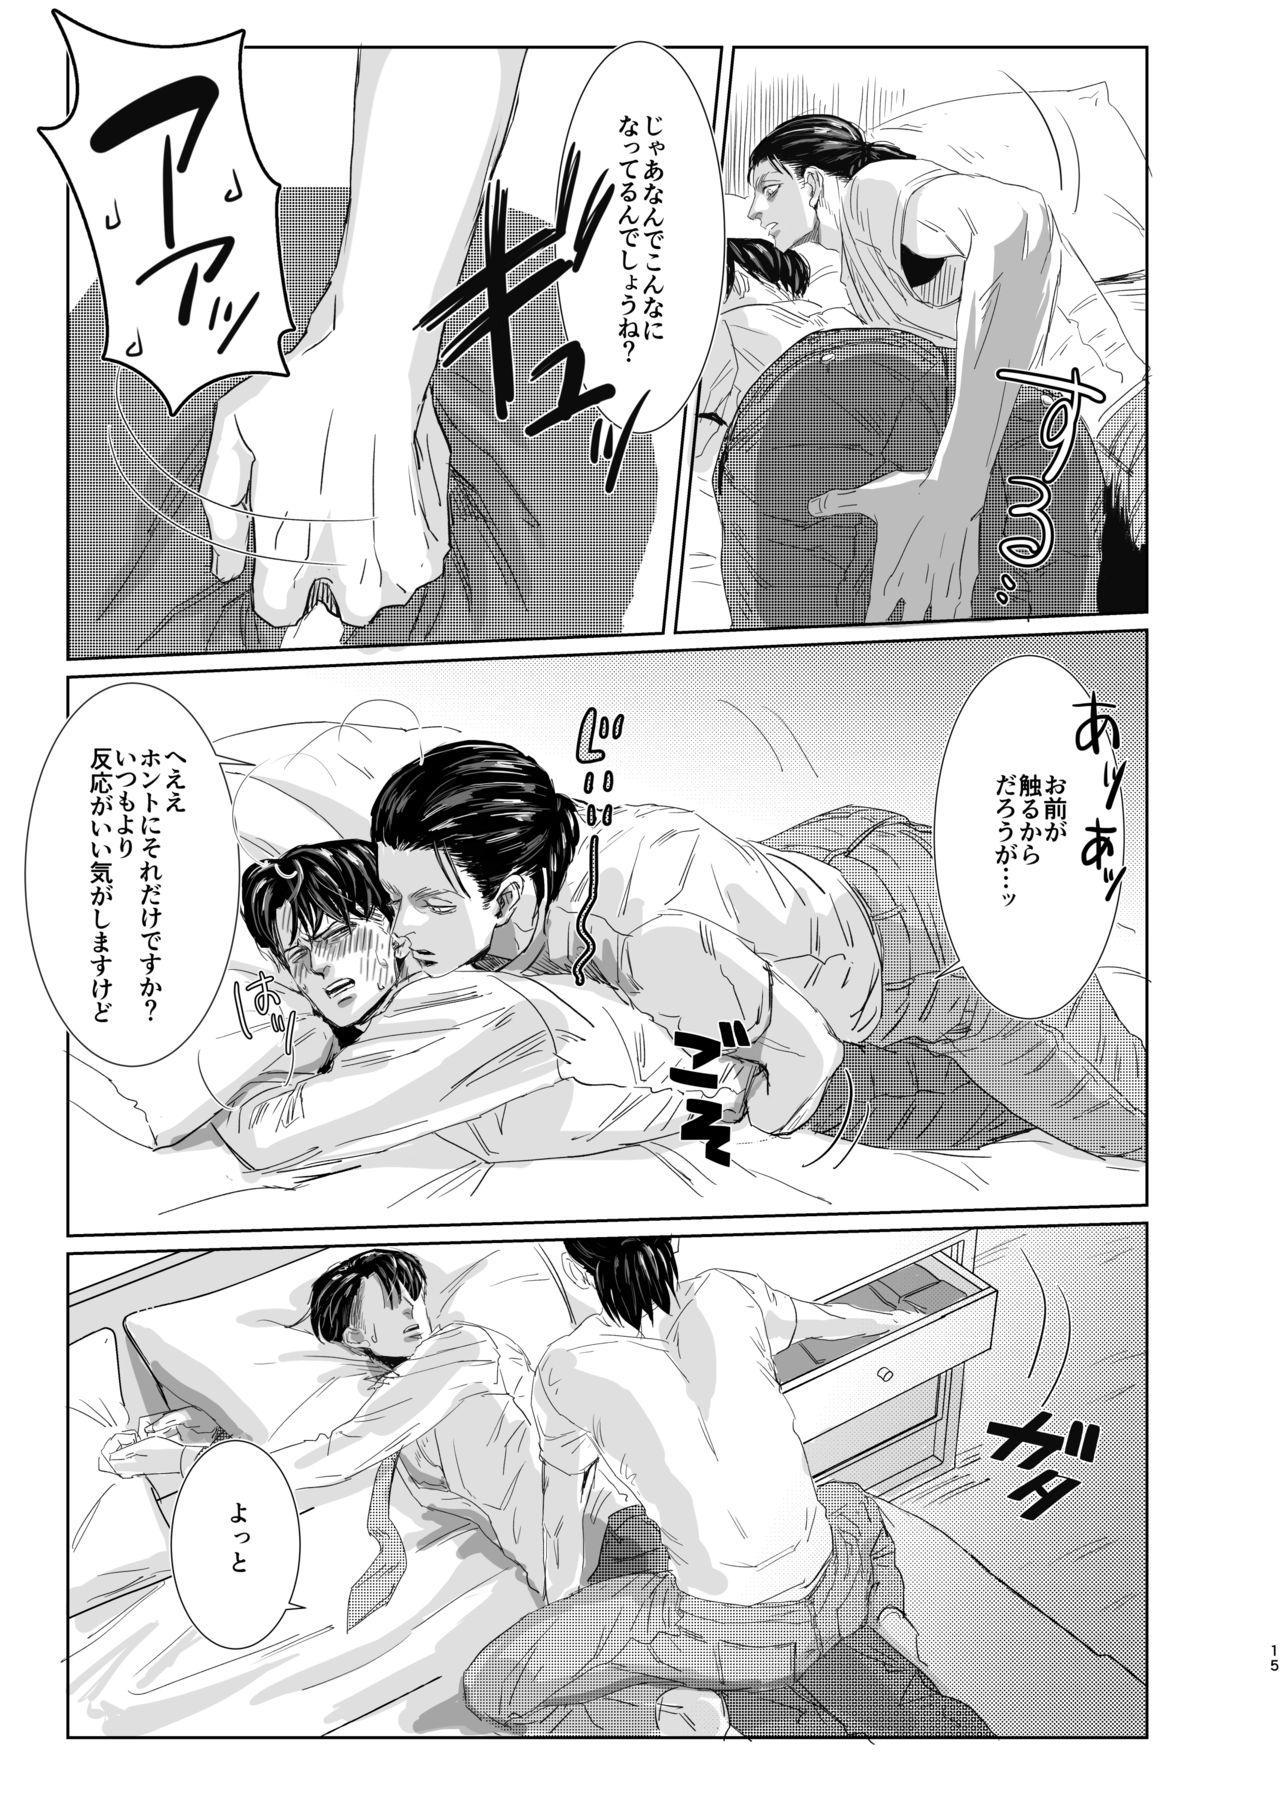 Ore no Kareshi ga Ore no Nioi o Sukisugite Komaru! 13